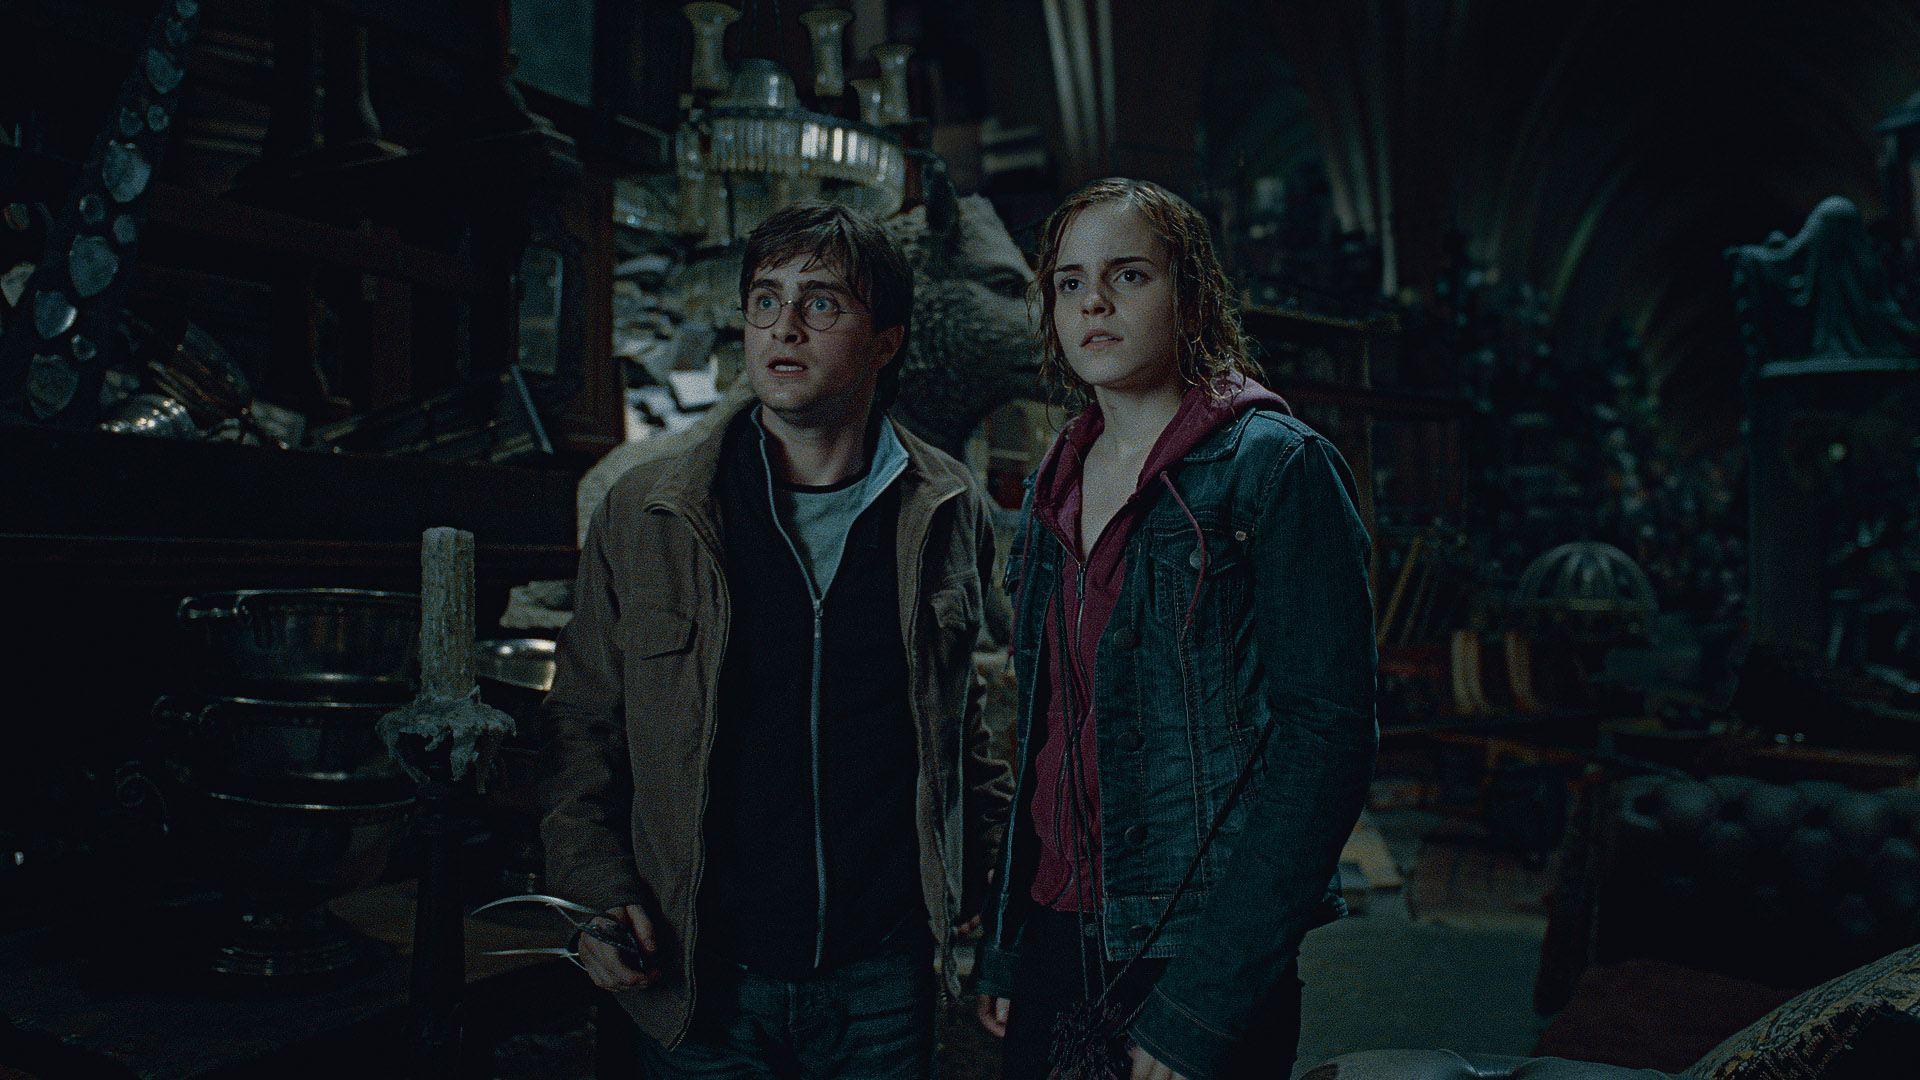 кадры из фильма Гарри Поттер и Дары Смерти: Часть вторая Дэниэл Рэдклифф, Эмма Уотсон,